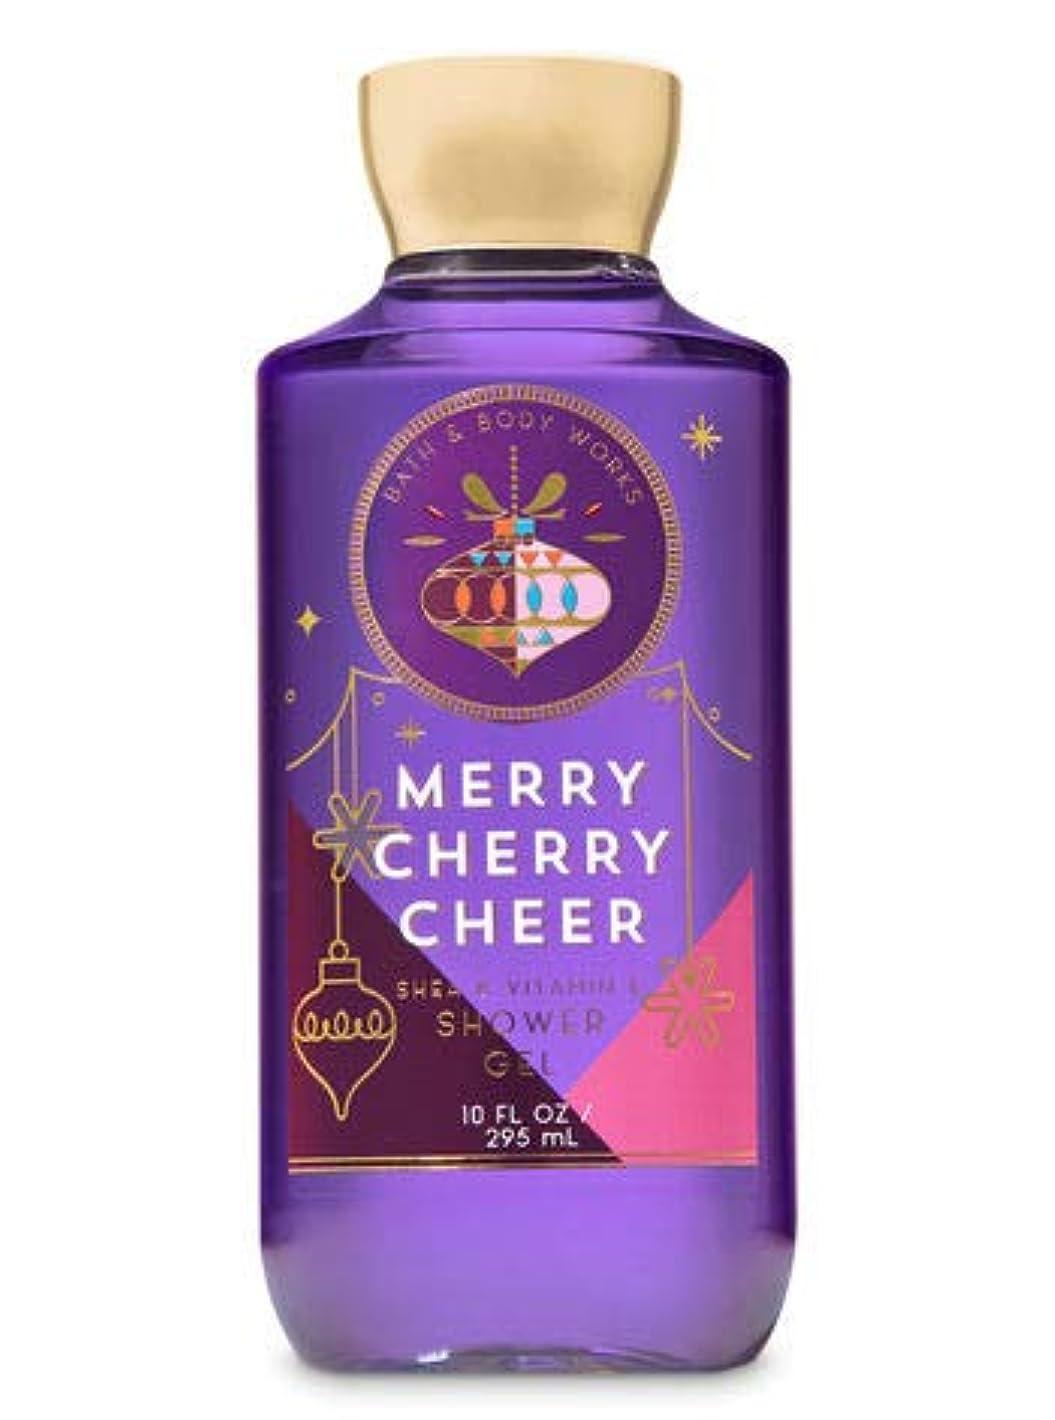 ペストメンダシティ脱臼する【Bath&Body Works/バス&ボディワークス】 シャワージェル メリーチェリーチアー Shower Gel Merry Cherry Cheer 10 fl oz / 295 mL [並行輸入品]